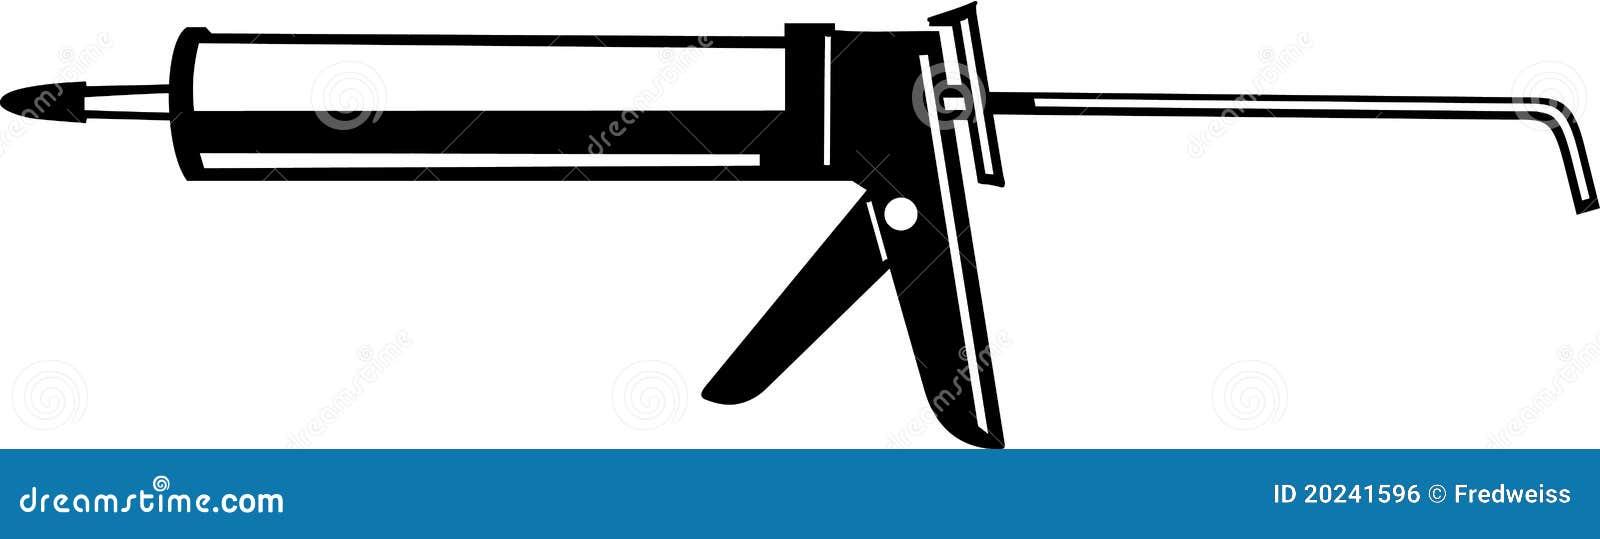 Caulking Gun Royalty Free Stock Image Image 20241596